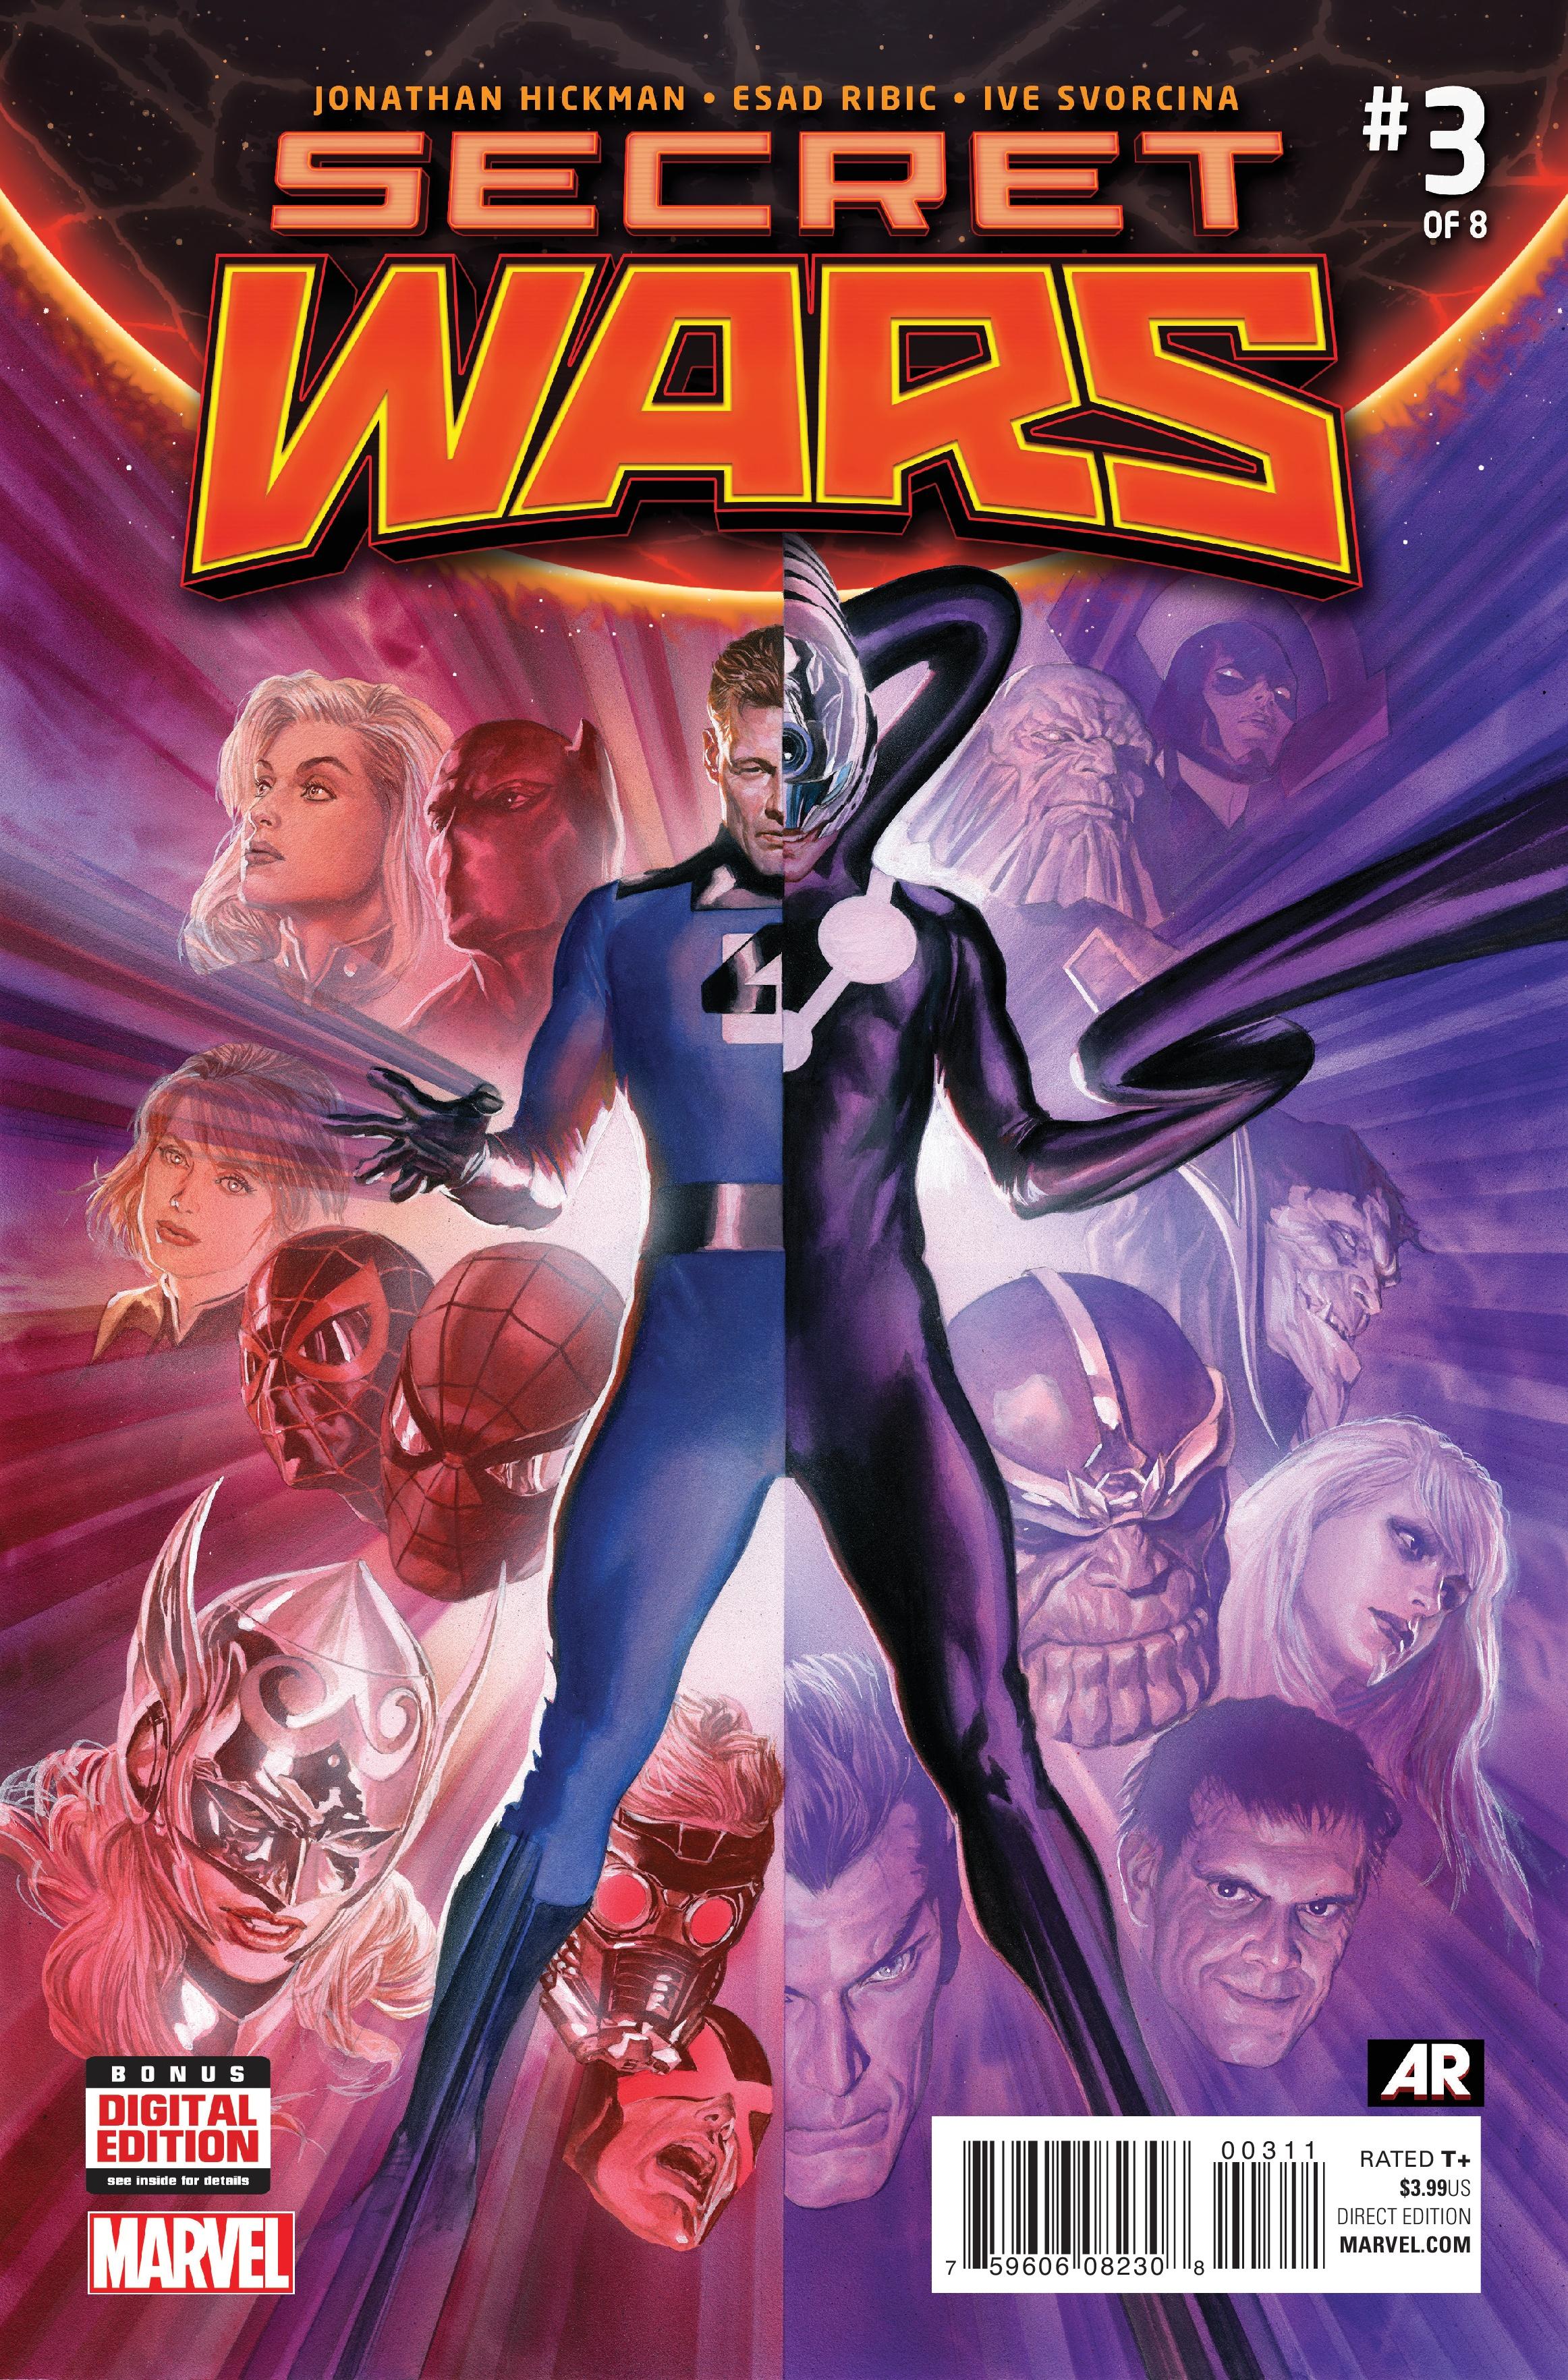 MARVEL COMICS THORS #1 SECRET WARS